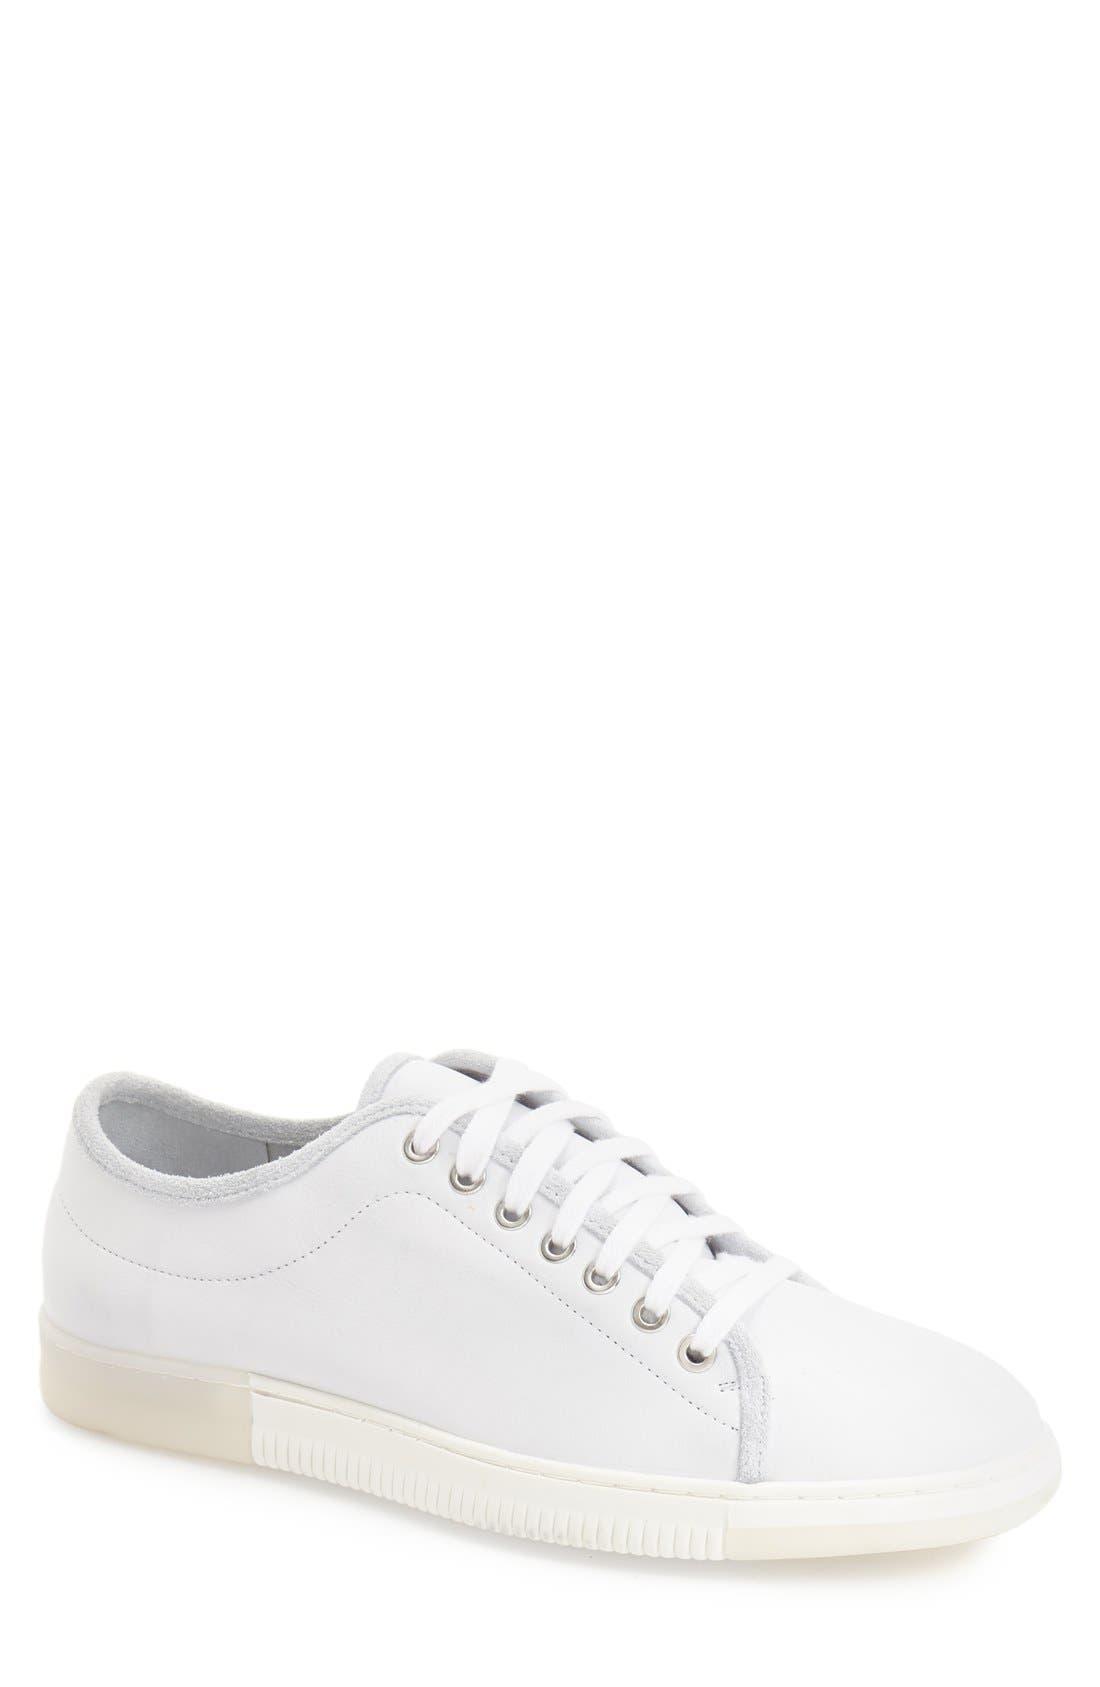 'Justen' Sneaker,                         Main,                         color, White